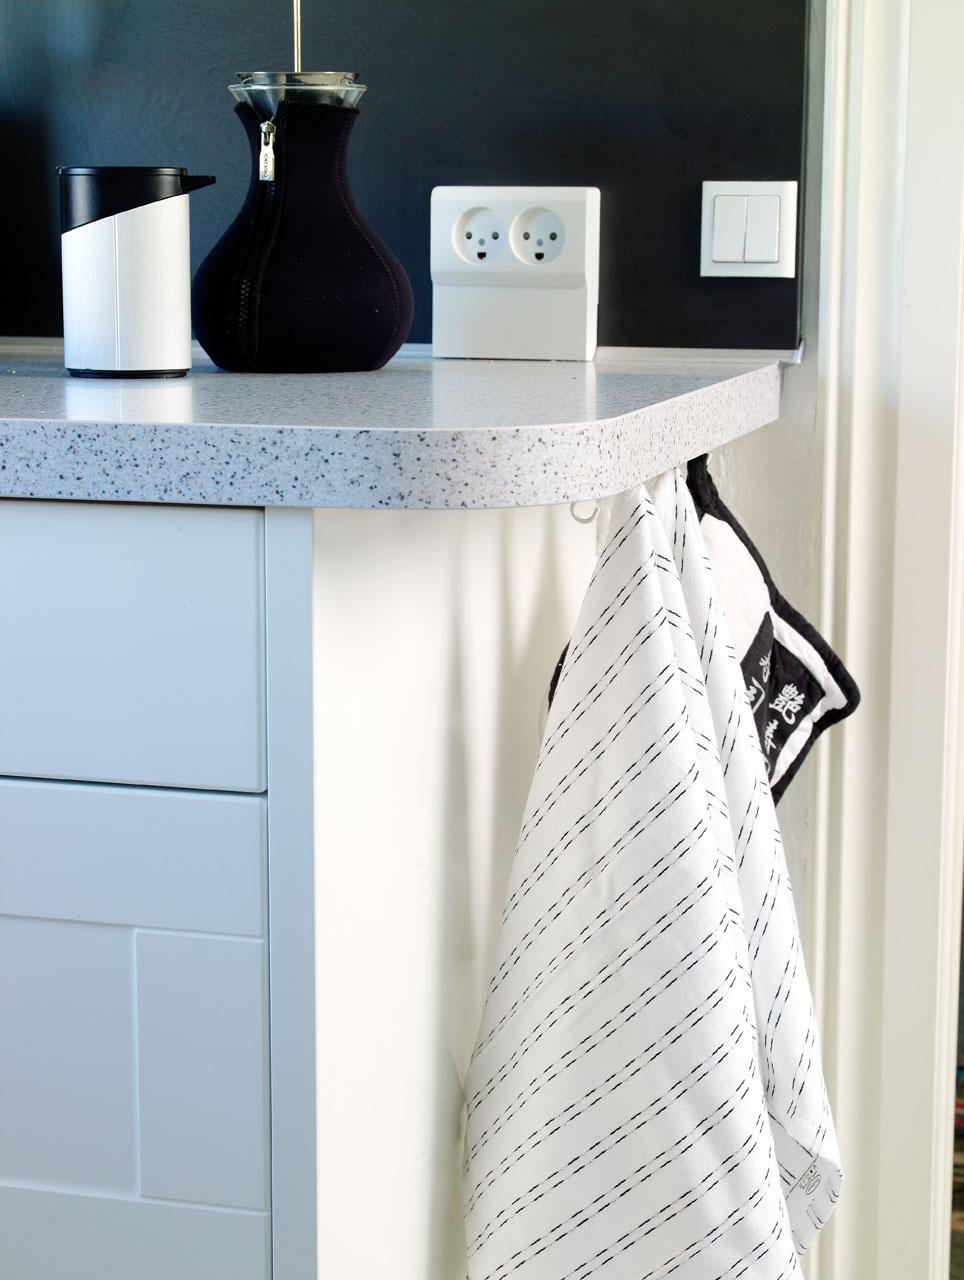 Keittiöpyyhkeet ovat piilossa tason reunan alla.